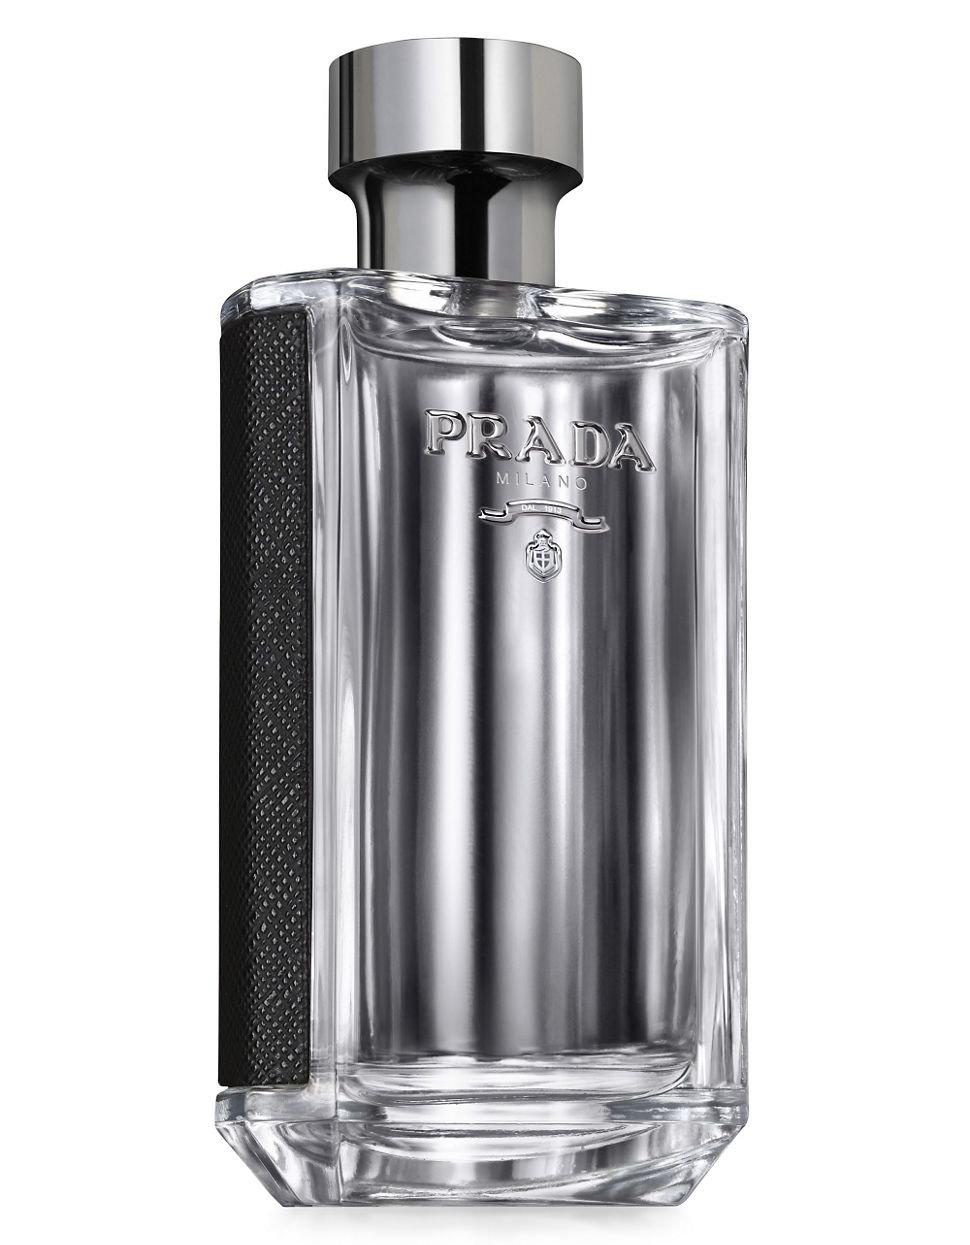 Tualetinis vanduo Prada L'Homme EDT vyrams 100 ml